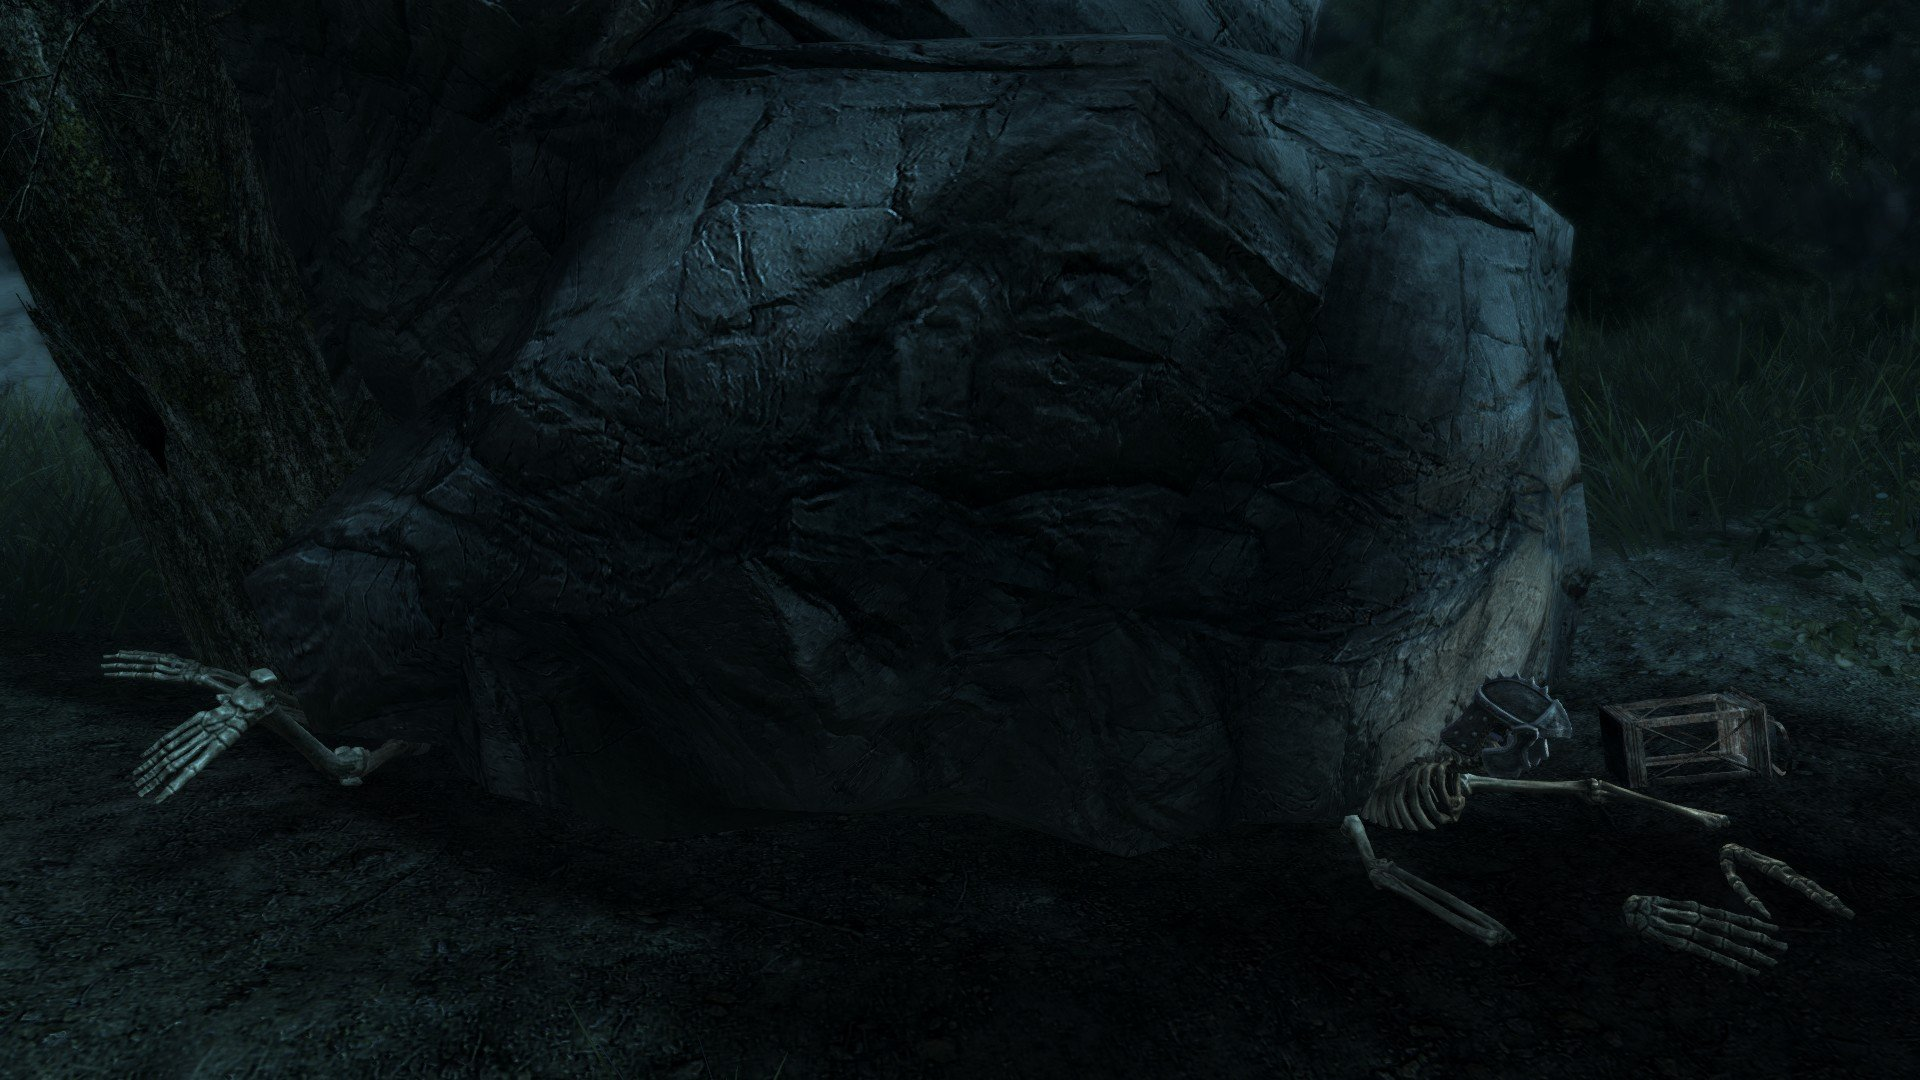 video games, The Elder Scrolls V: Skyrim Wallpaper